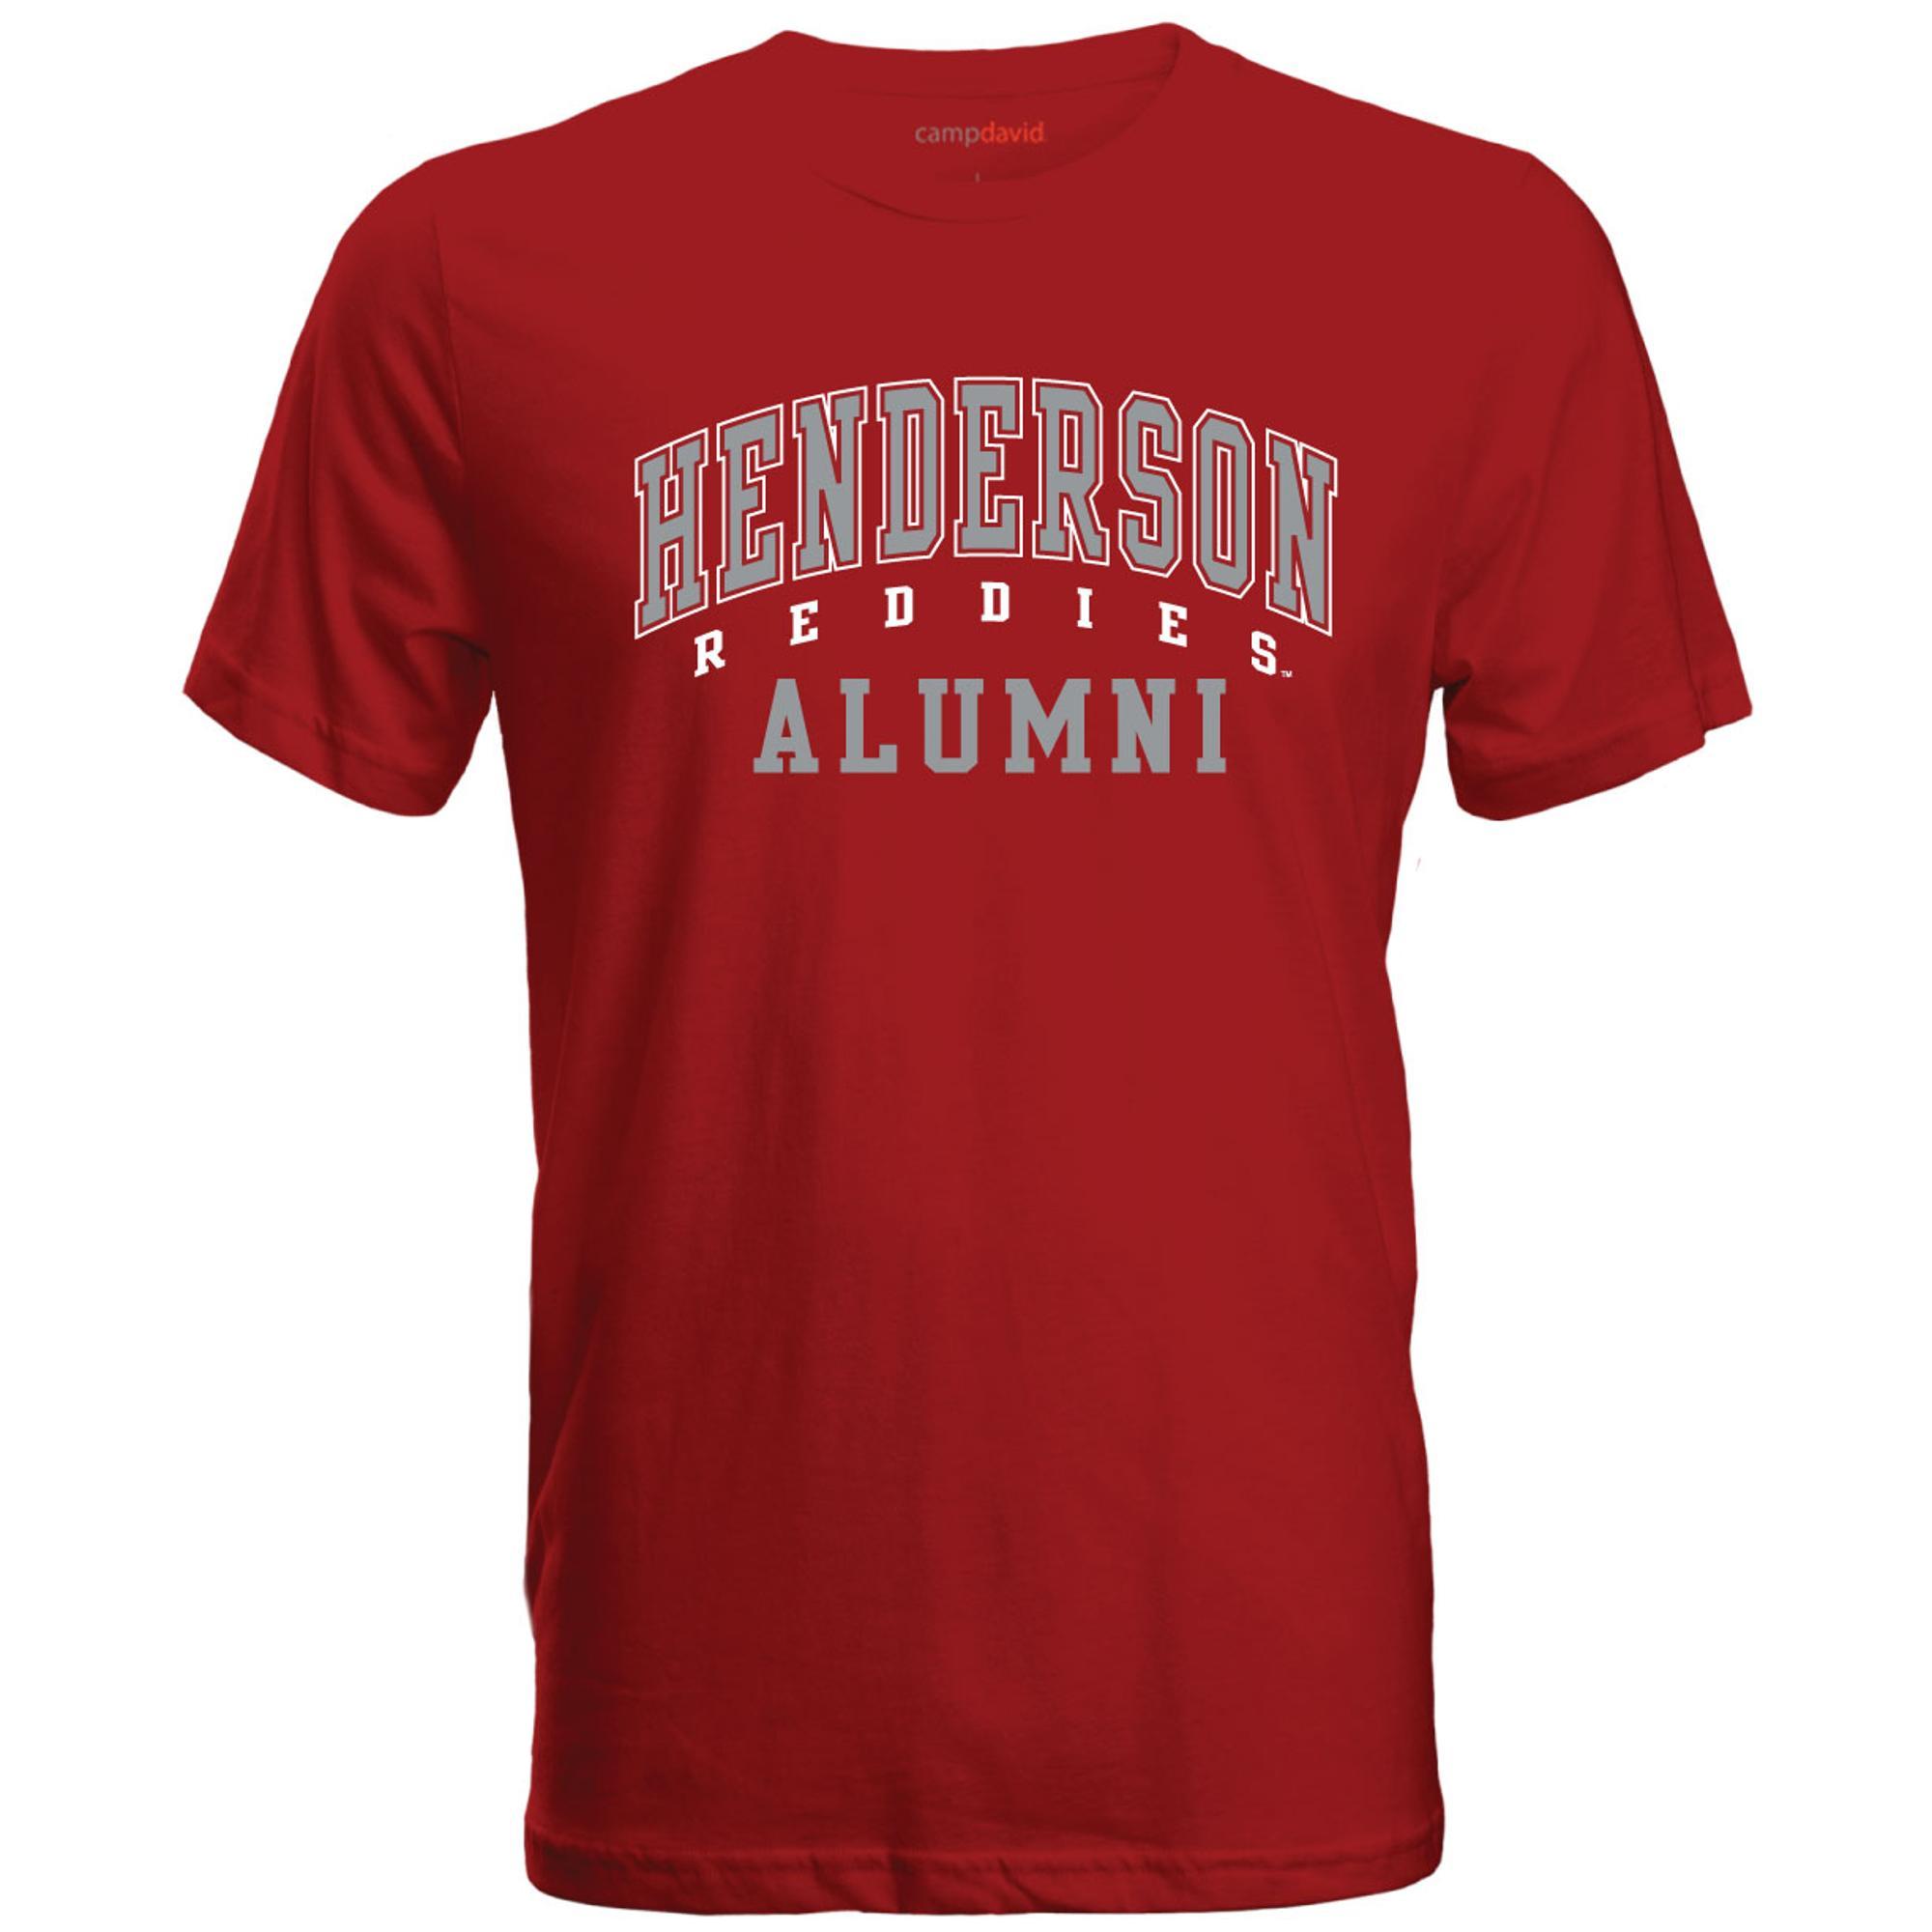 image of: Henderson Reddies Alumni Cruiser Tee